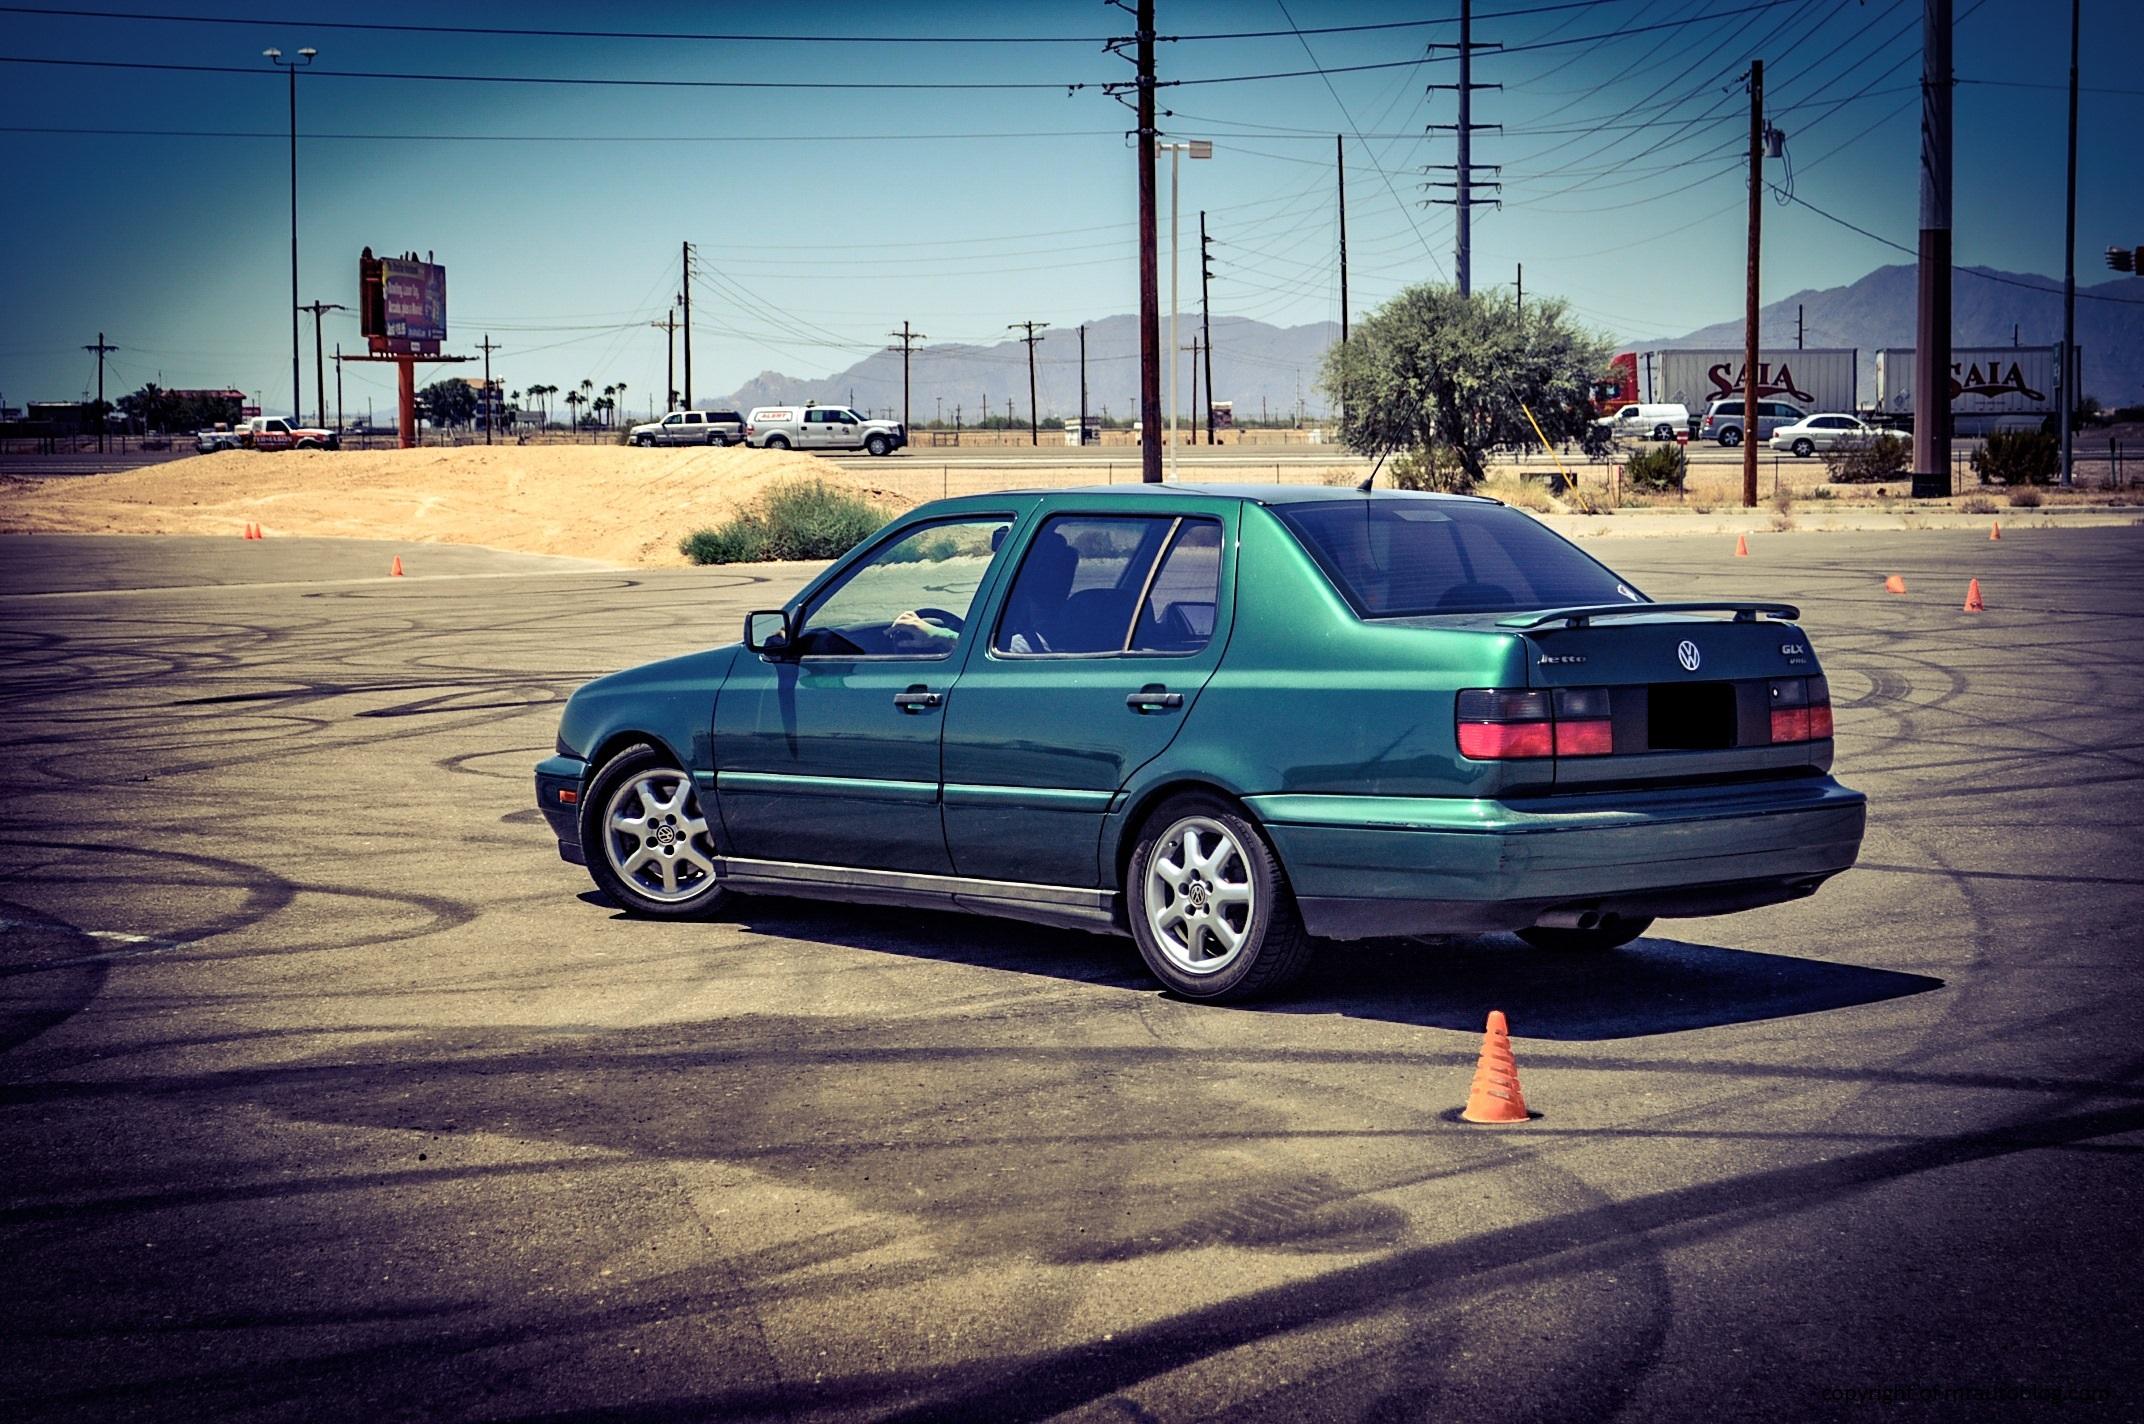 1997 volkswagen jetta glx vr6 review rnr automotive blog 1997 volkswagen jetta glx vr6 review